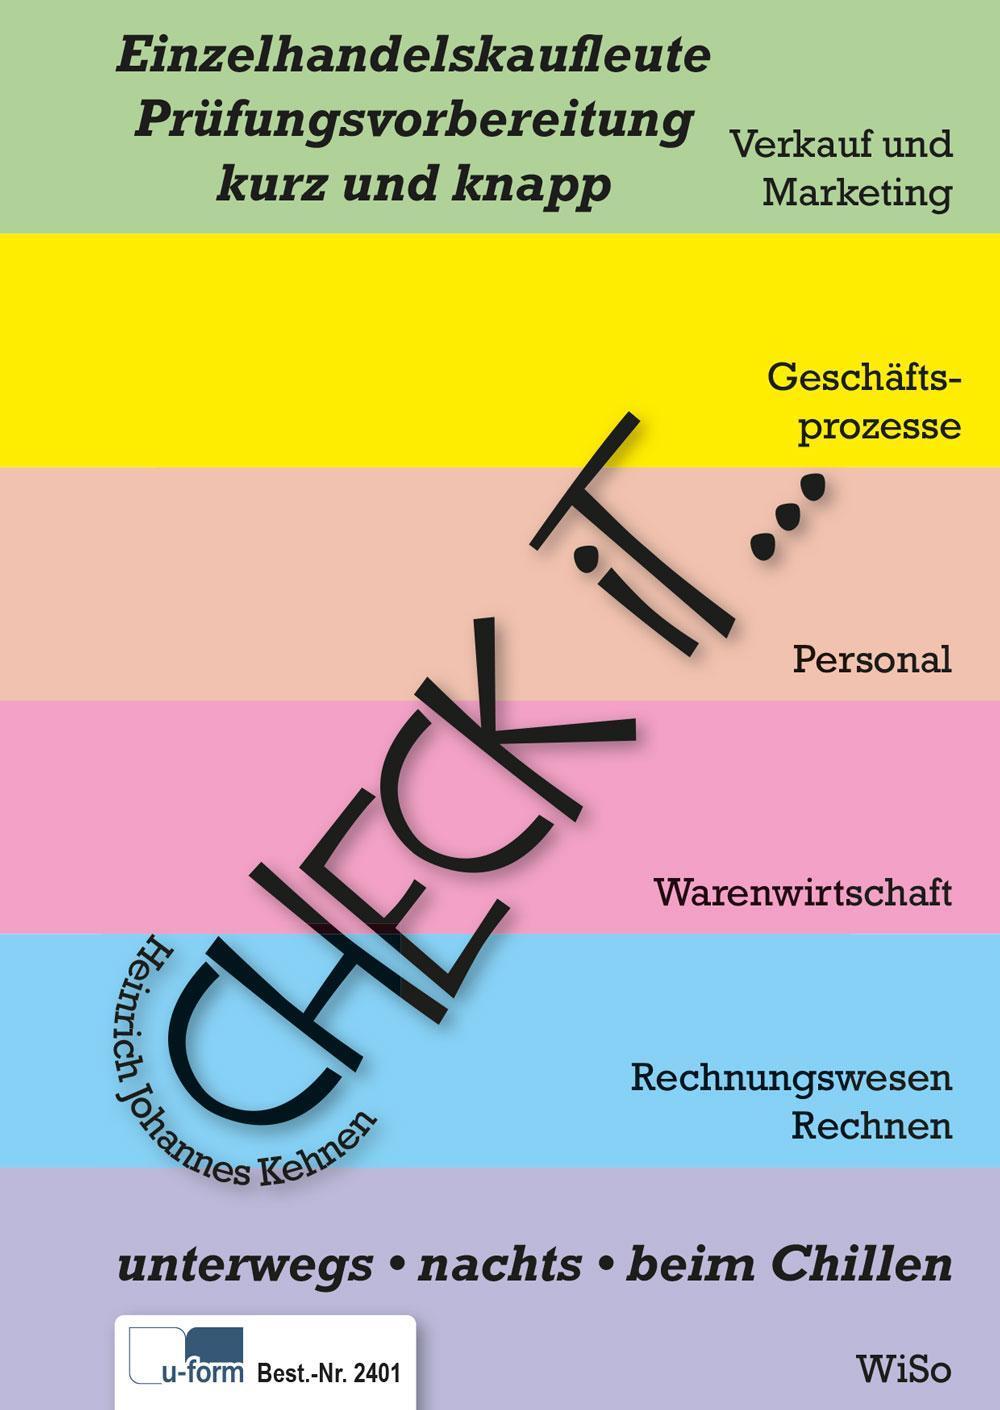 Check-iT-Einzelhandelskaufleute-Pruefungsvorbereitung-kurz-und-knapp-Hein